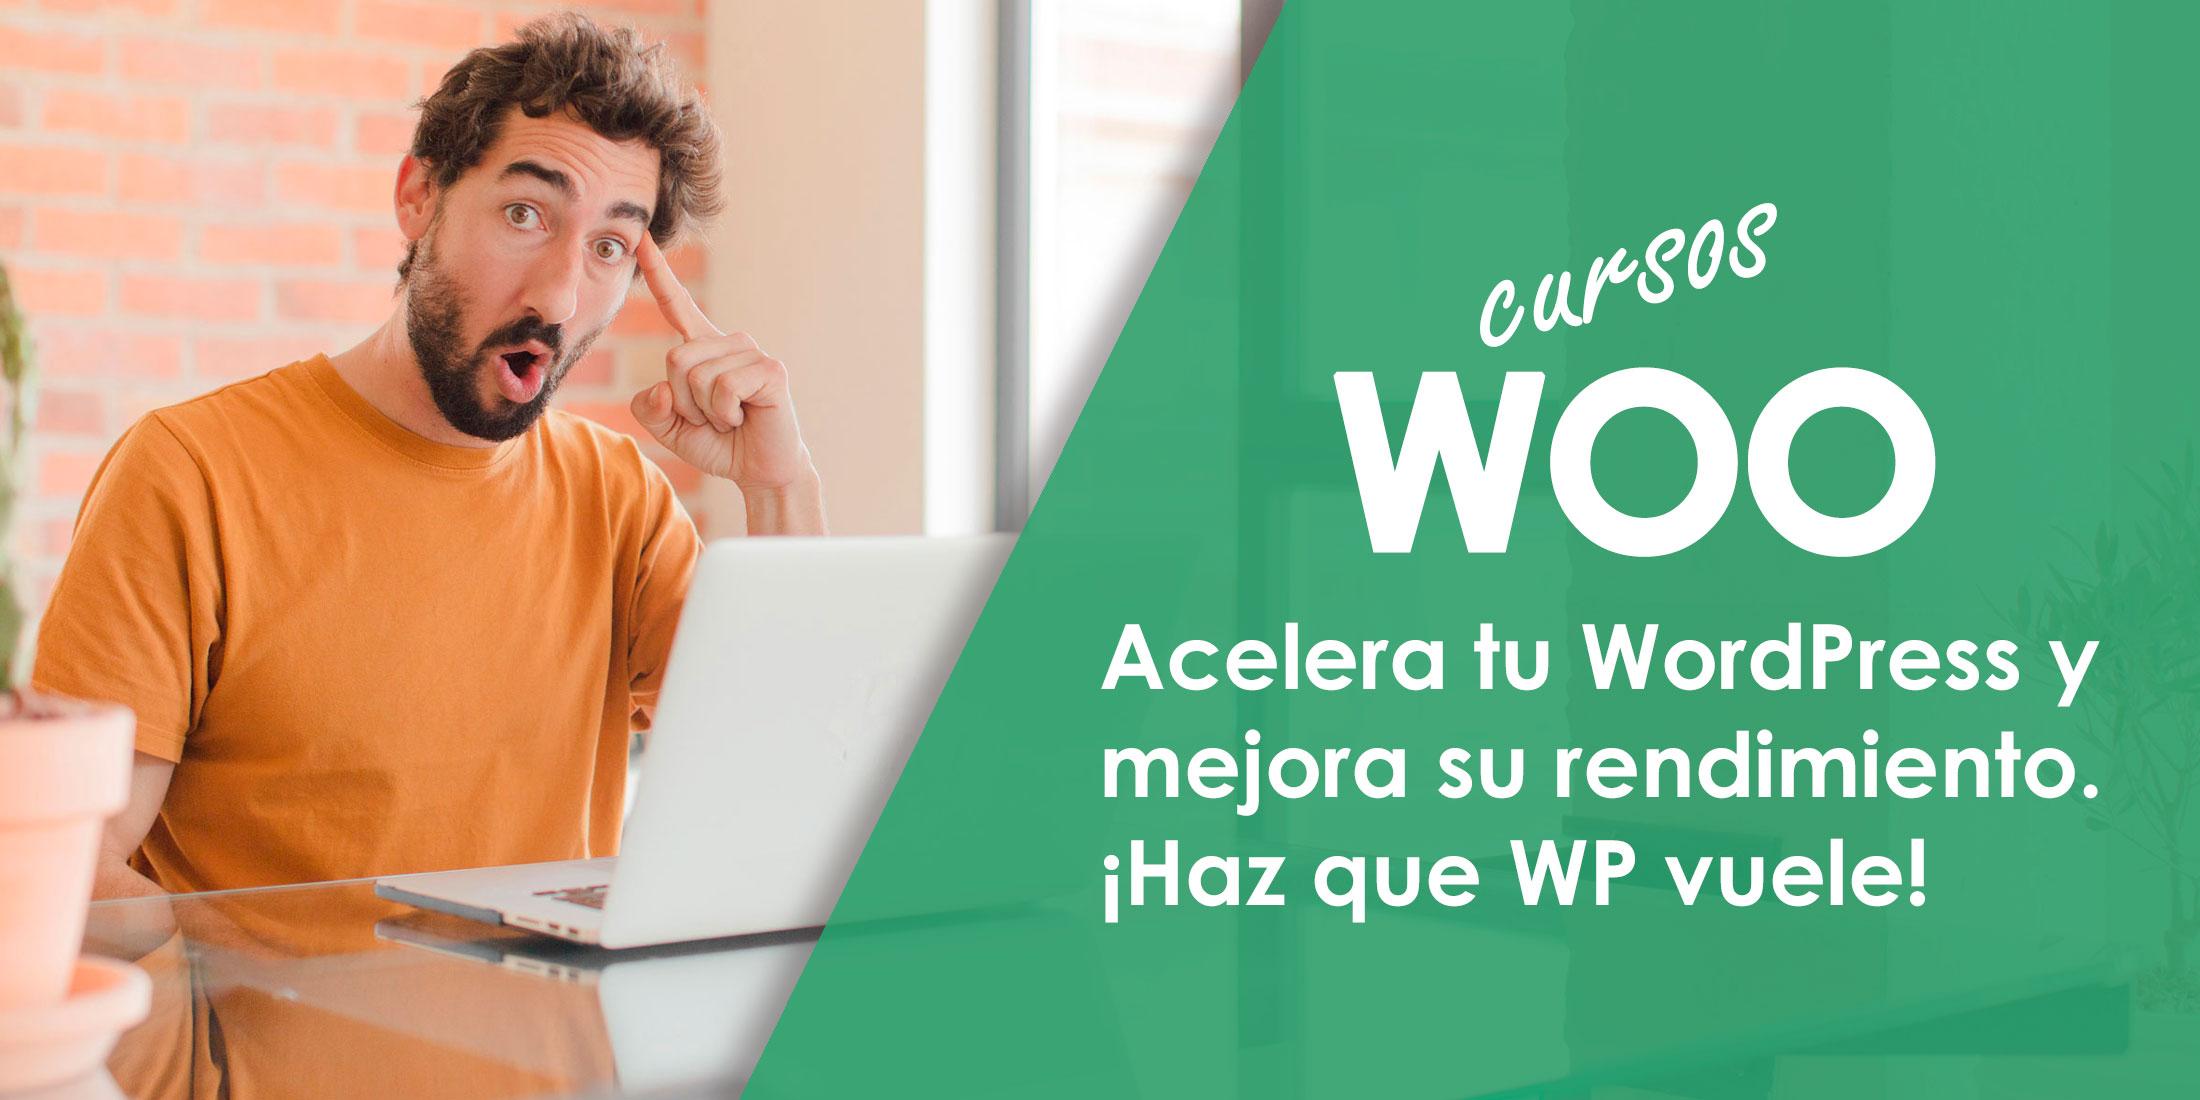 Curso para acelerar la velocidad de carga en WordPress